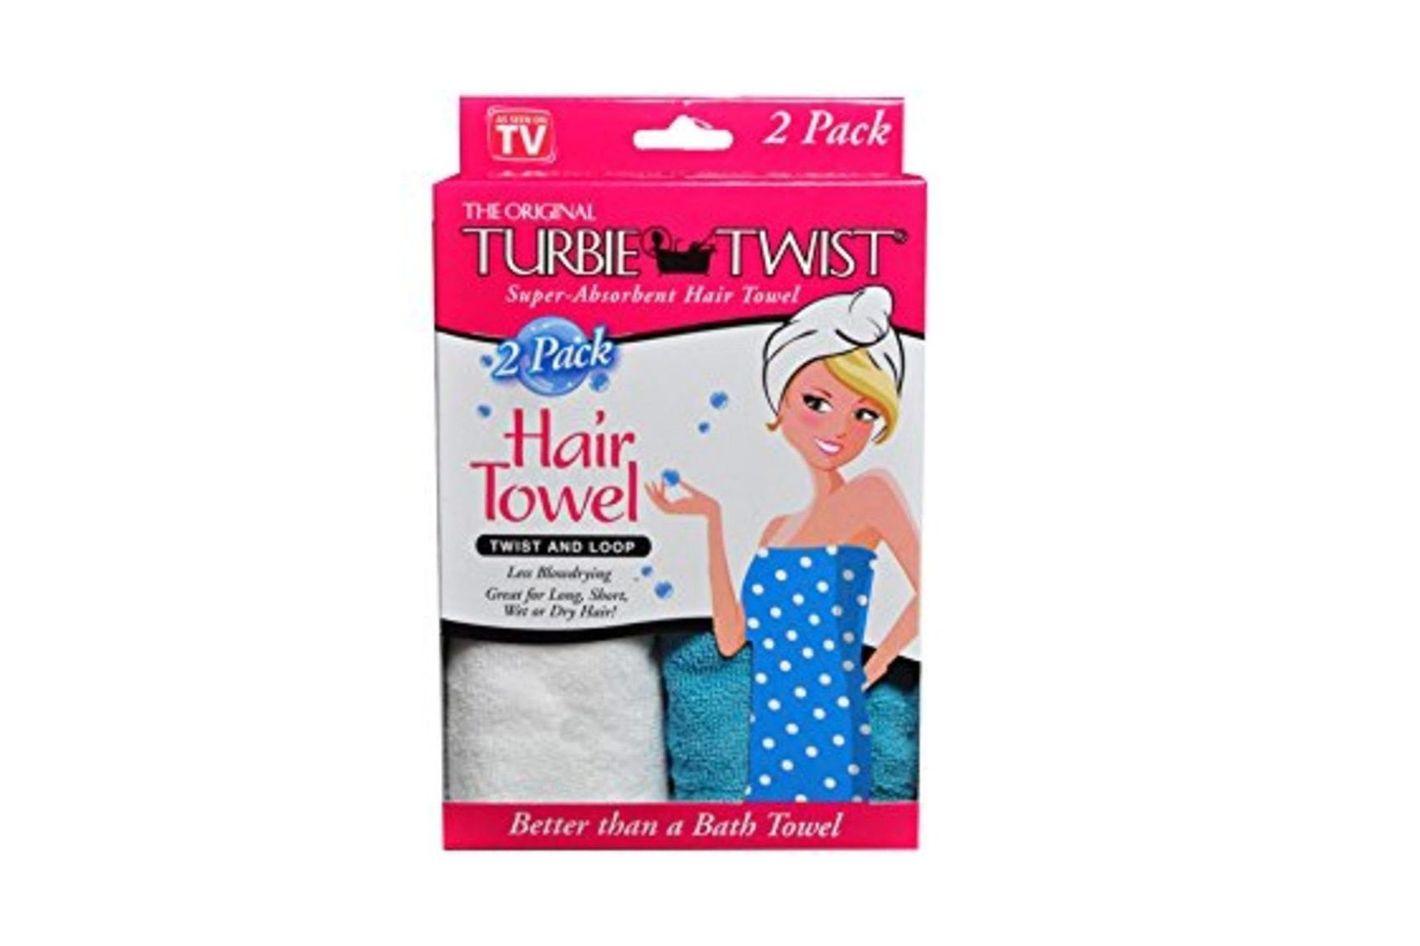 Turbie Twist Microfiber Super Absorbent Hair Towel (2 Pack)